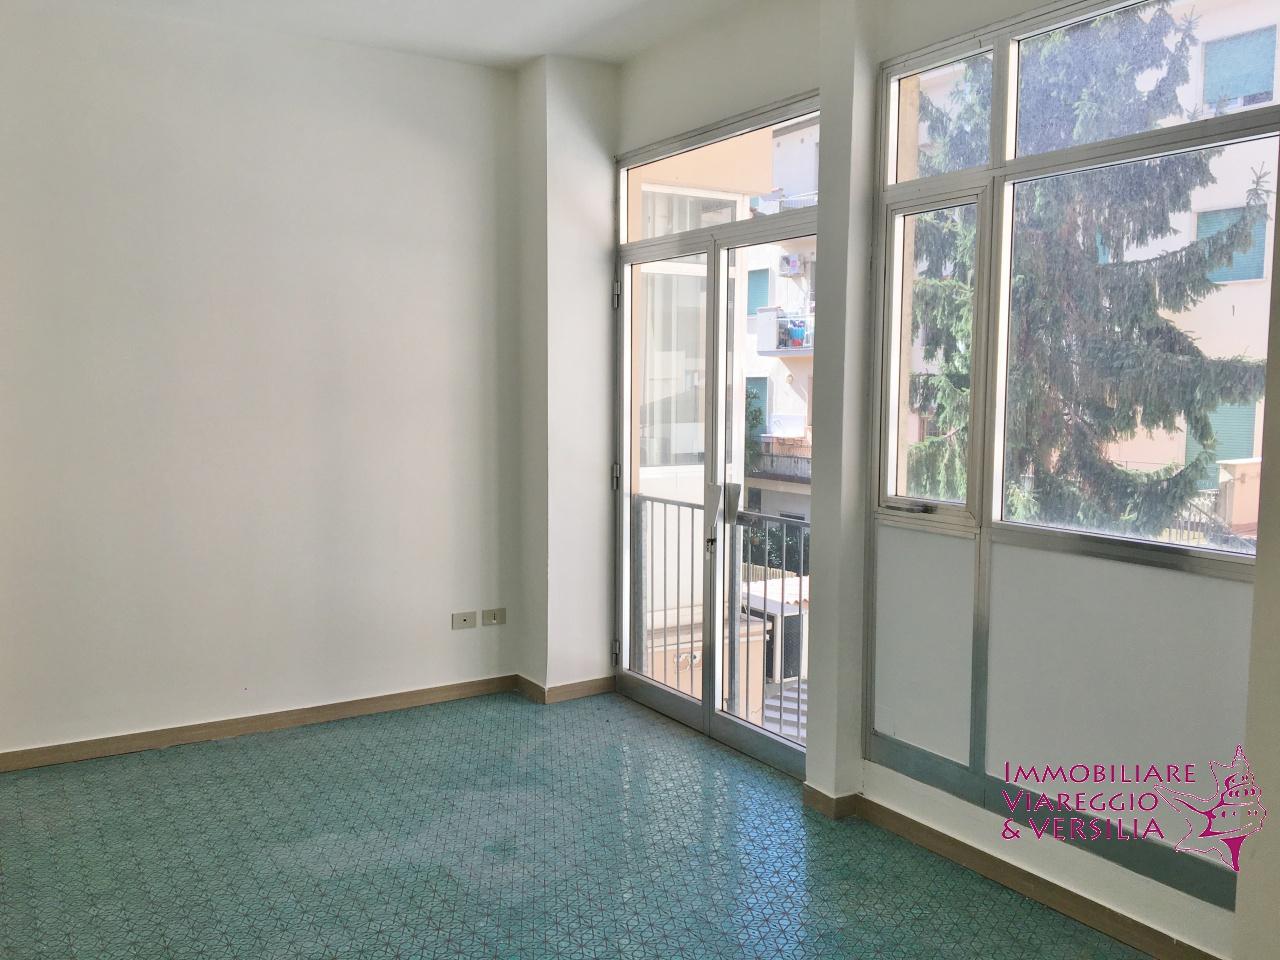 Ufficio in affitto a viareggio centro rif aff uff271 for Centro ufficio